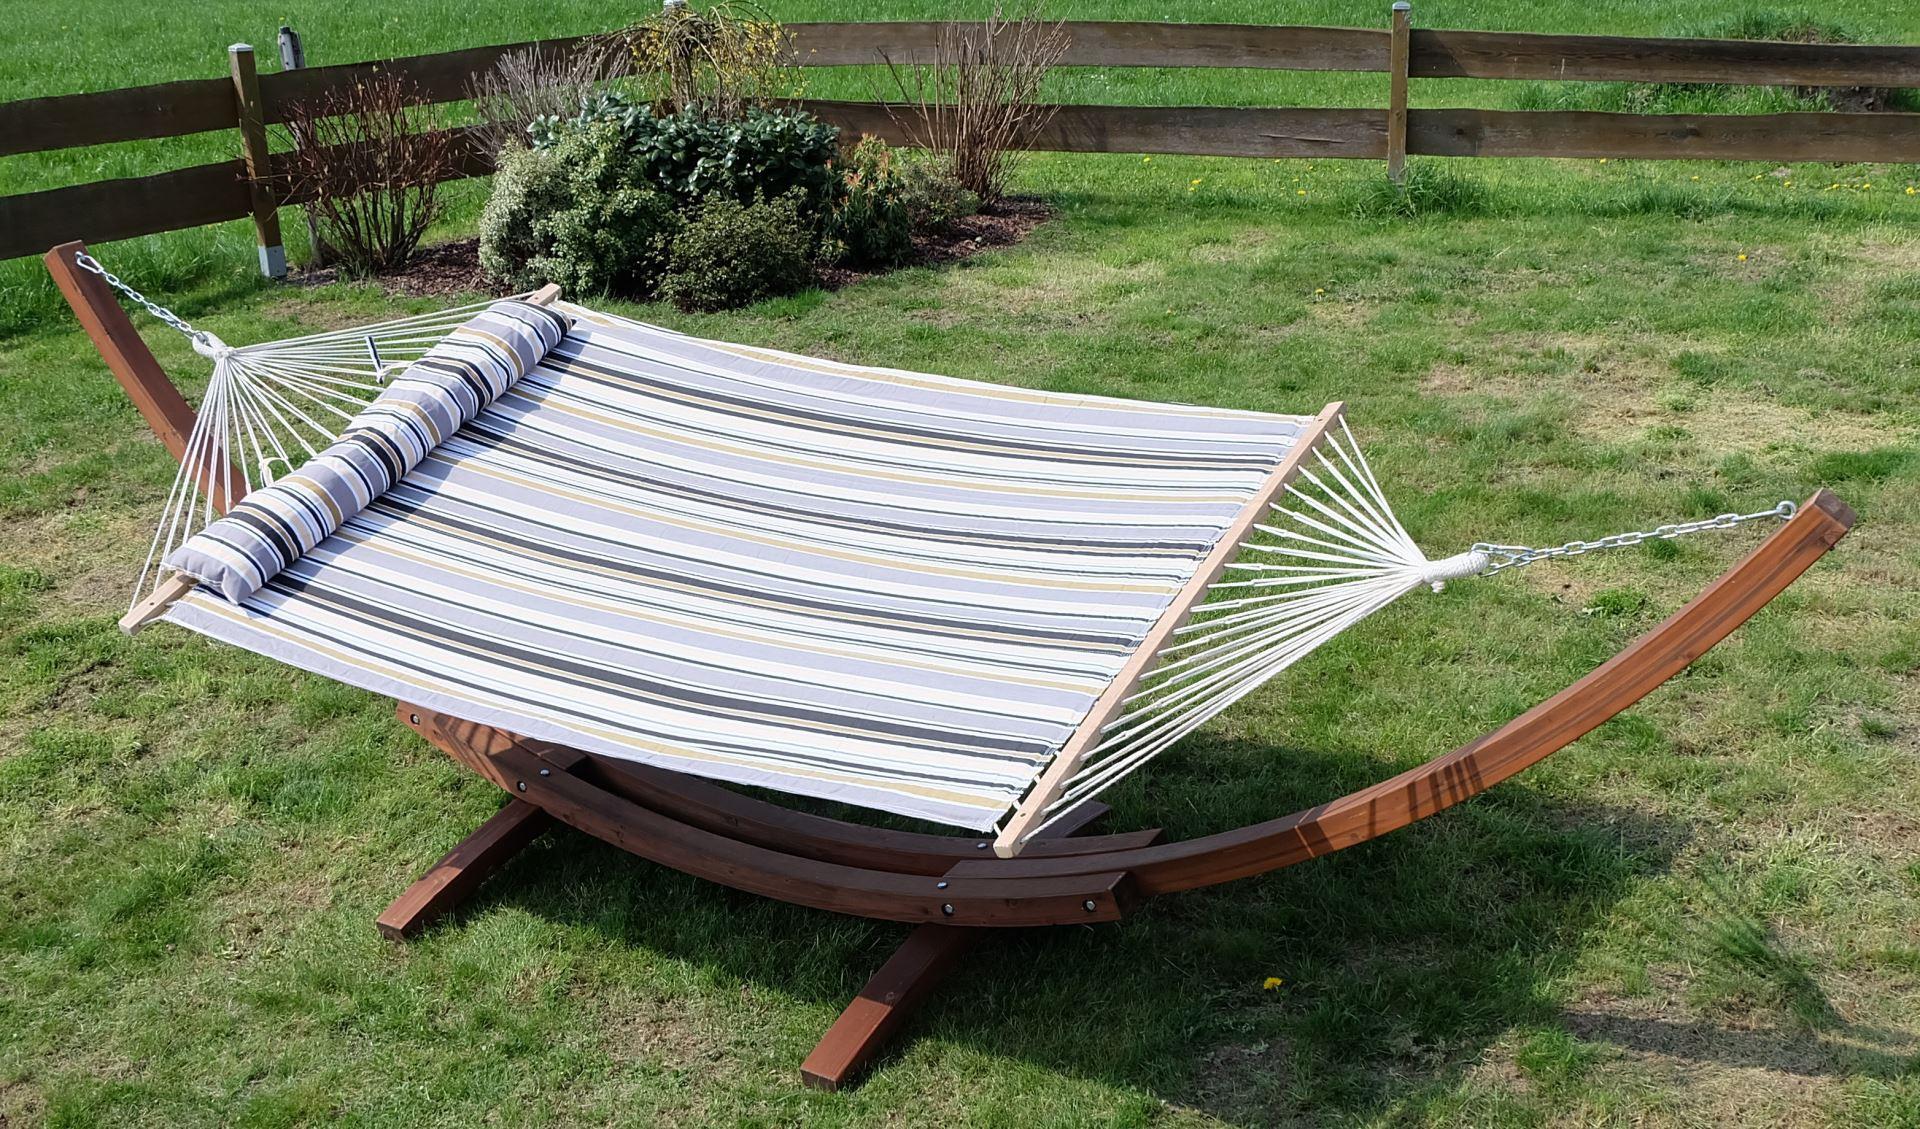 410cm h ngemattengestell holz l rche mit stab h ngematte. Black Bedroom Furniture Sets. Home Design Ideas